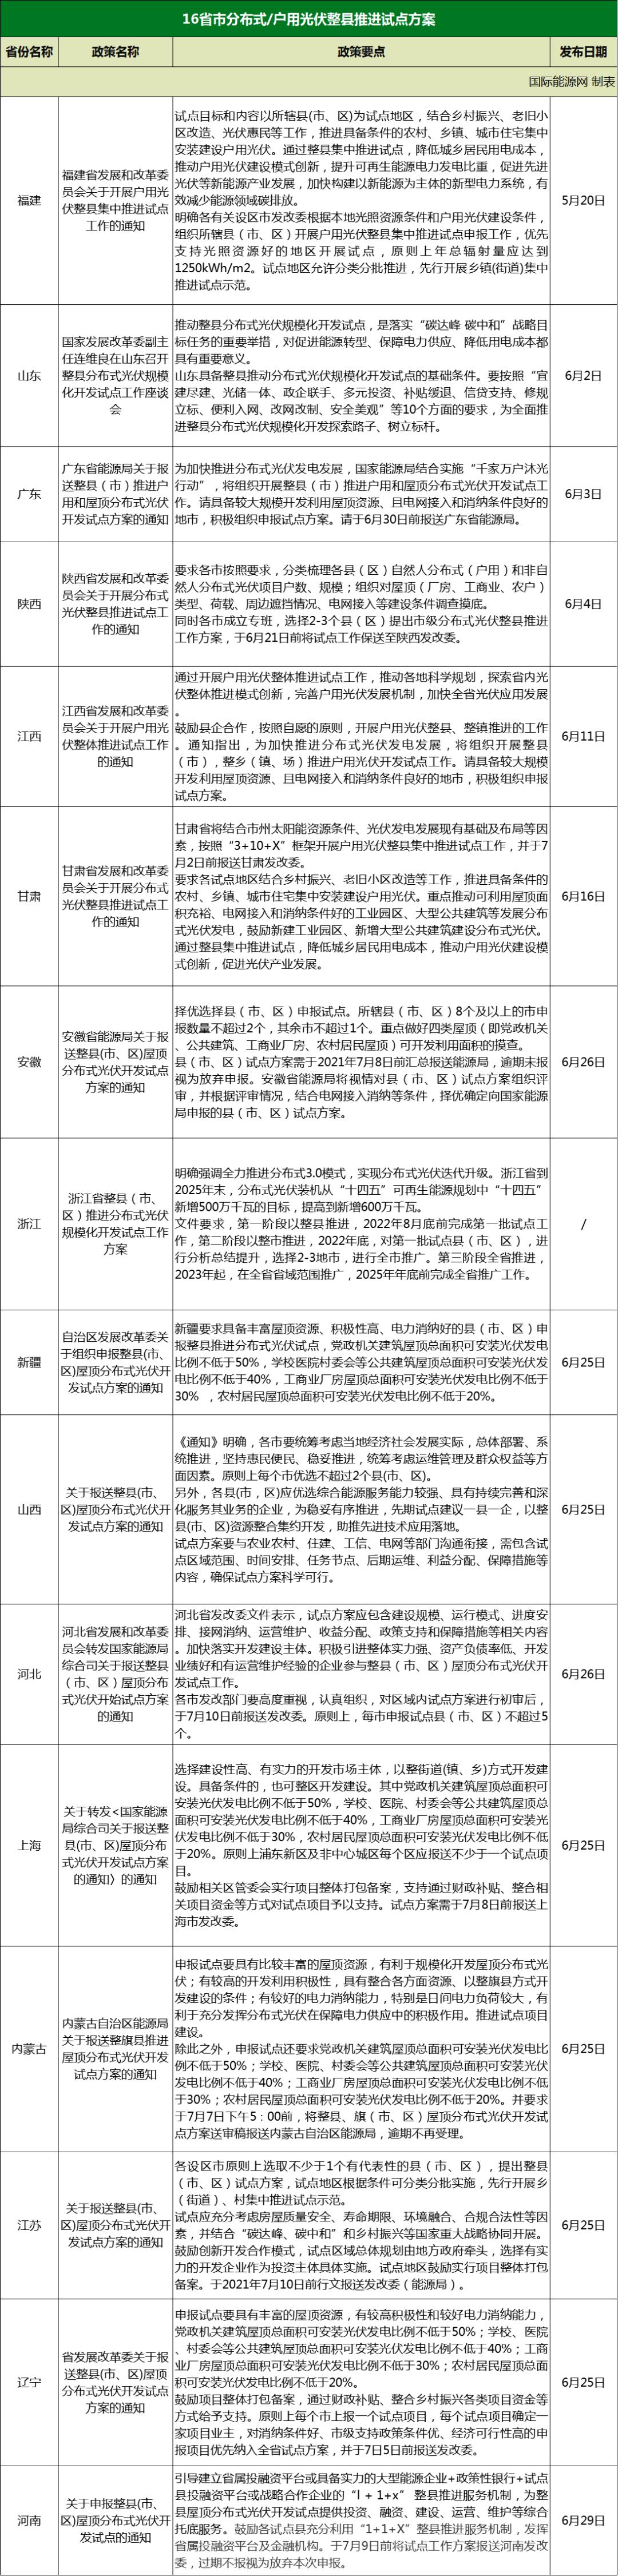 新增上海、内蒙古、江苏、辽宁、河南!光伏整县推进地方政策已达16个!